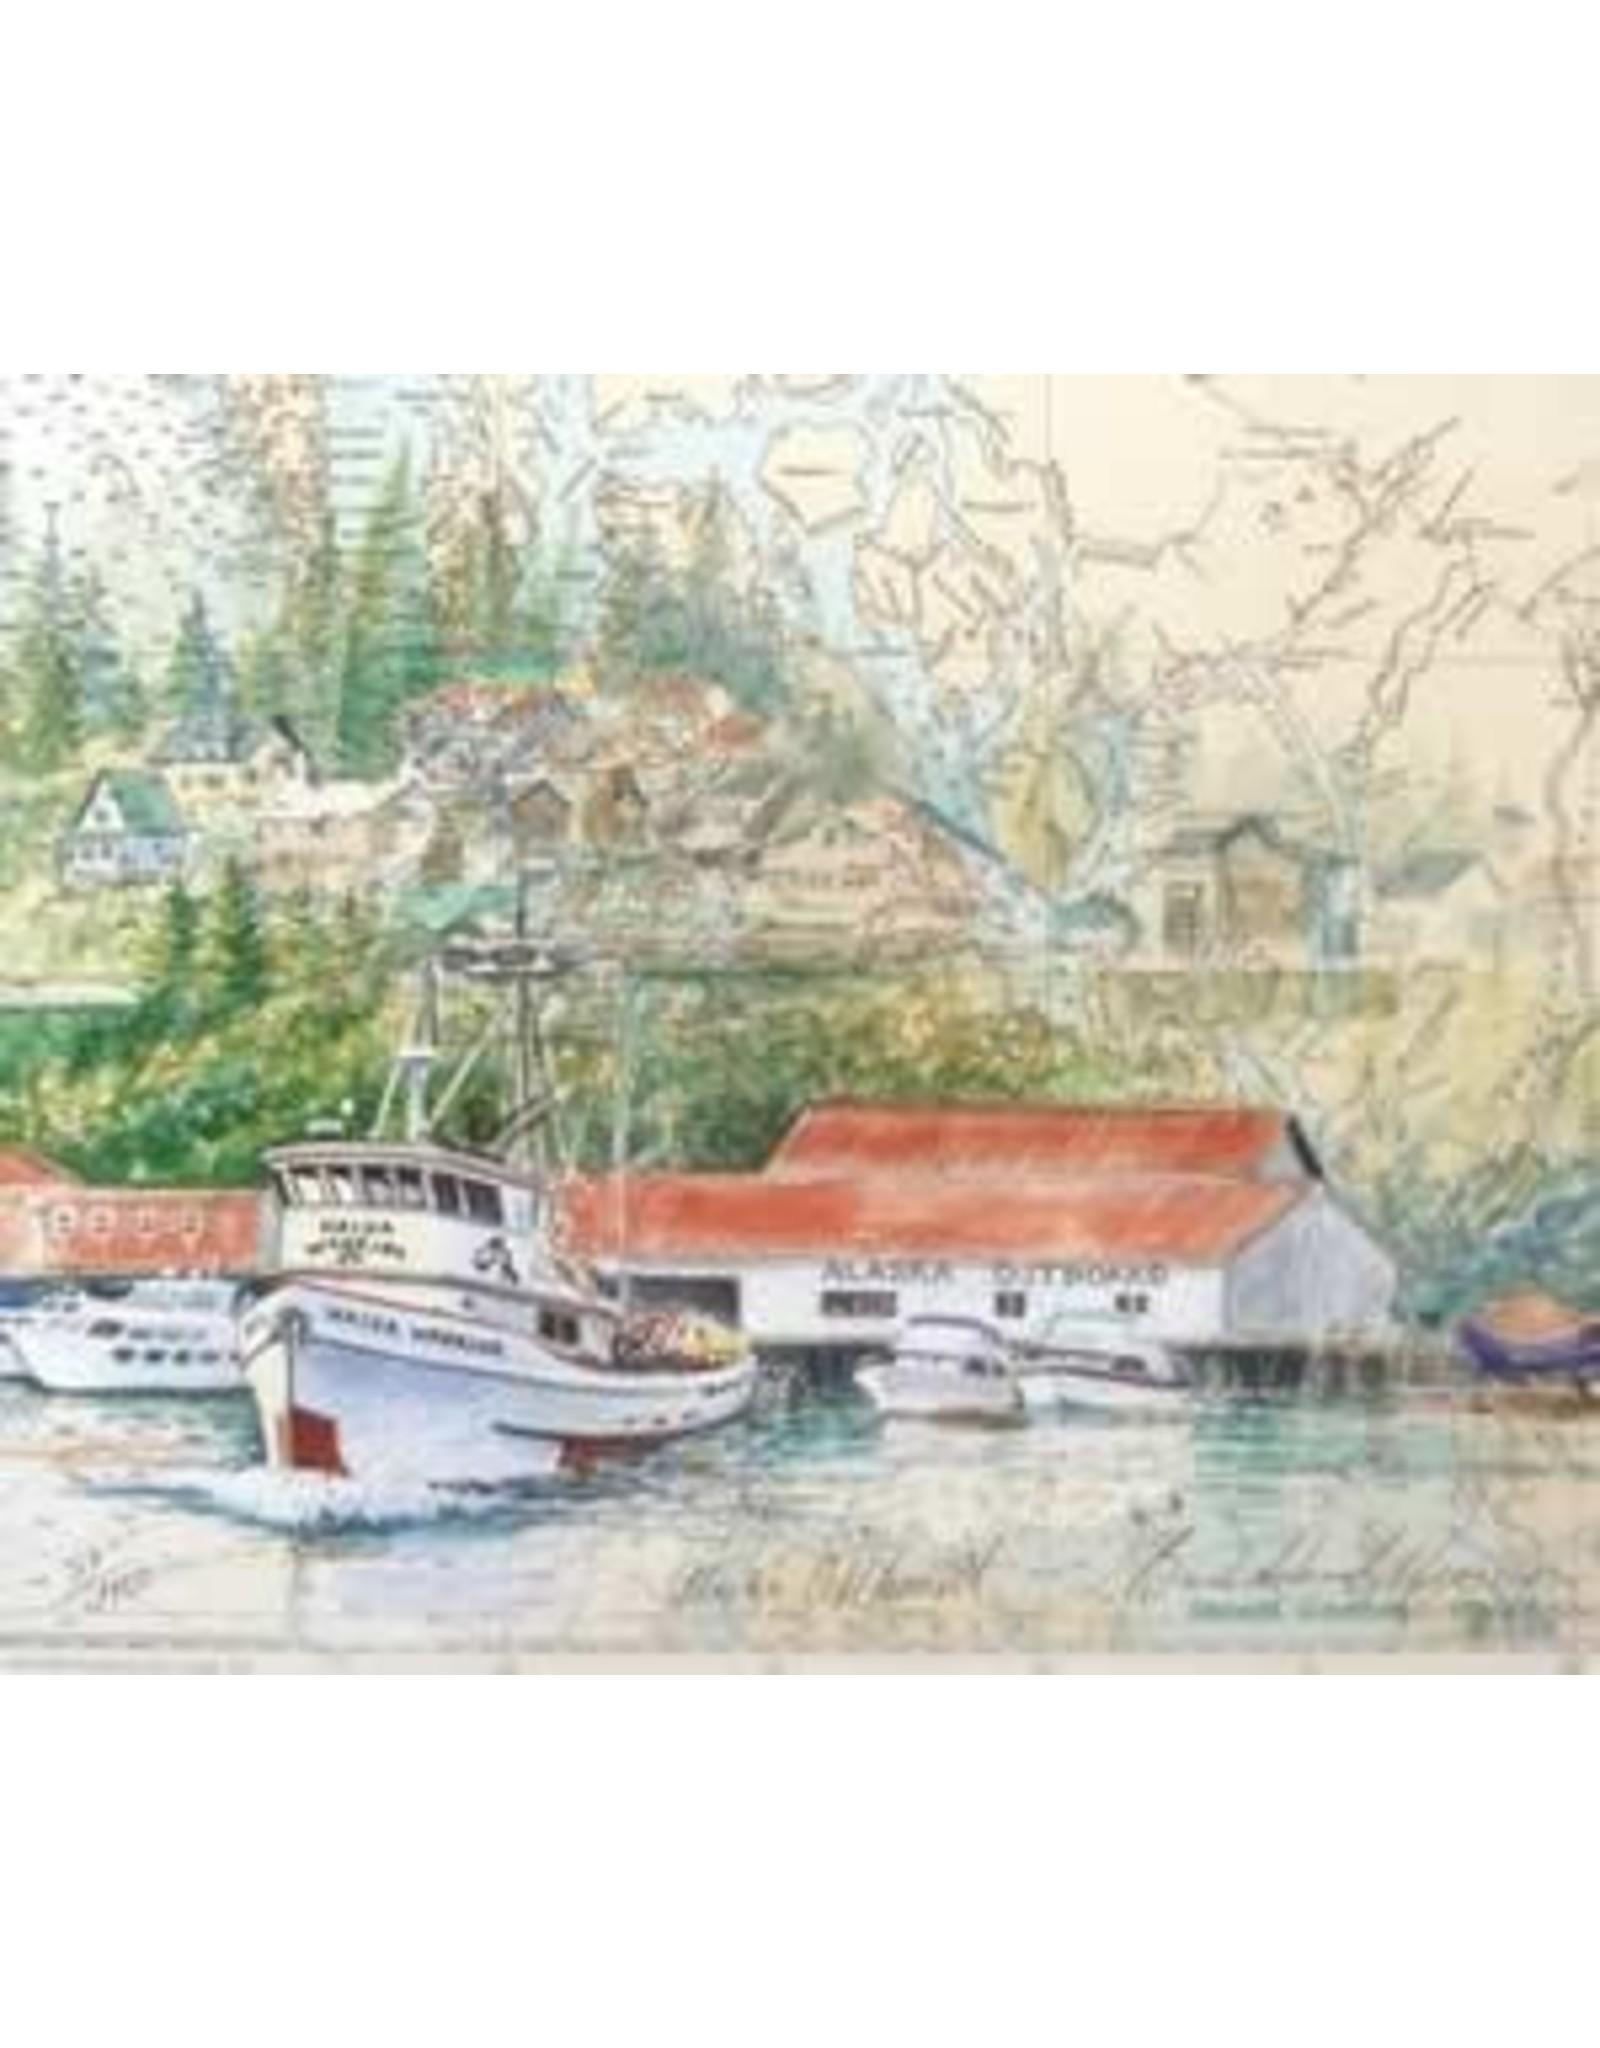 Brenda Schwartz Alaska Outboard   Brenda Schwartz-Yeager